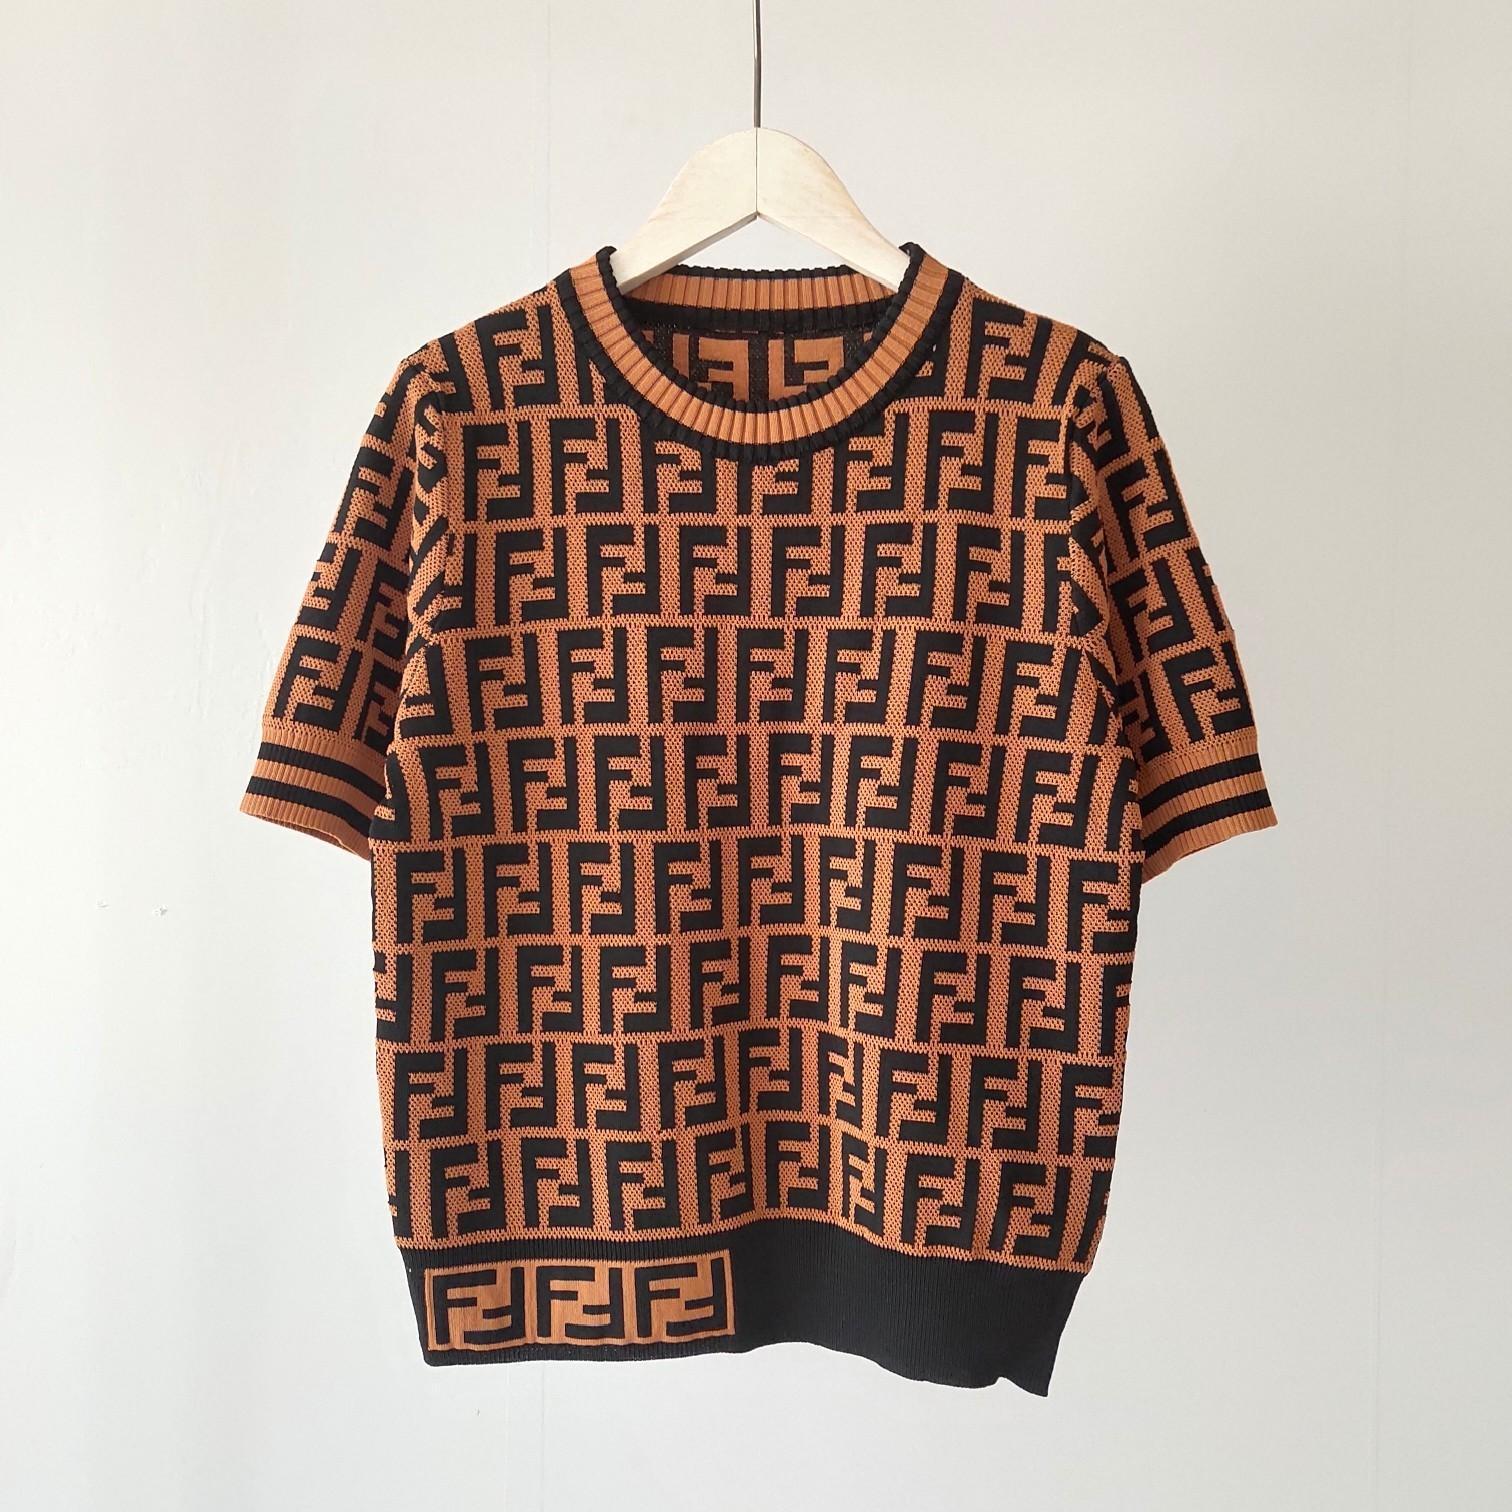 Neue Sommer-Entwerfer-Frauen-Shirts neue Art und Weise Luxuxdamen Knit T-Shirts beiläufige Marken-Top Tees FF Brief Mädchen Kurzarmhemd 20042308D